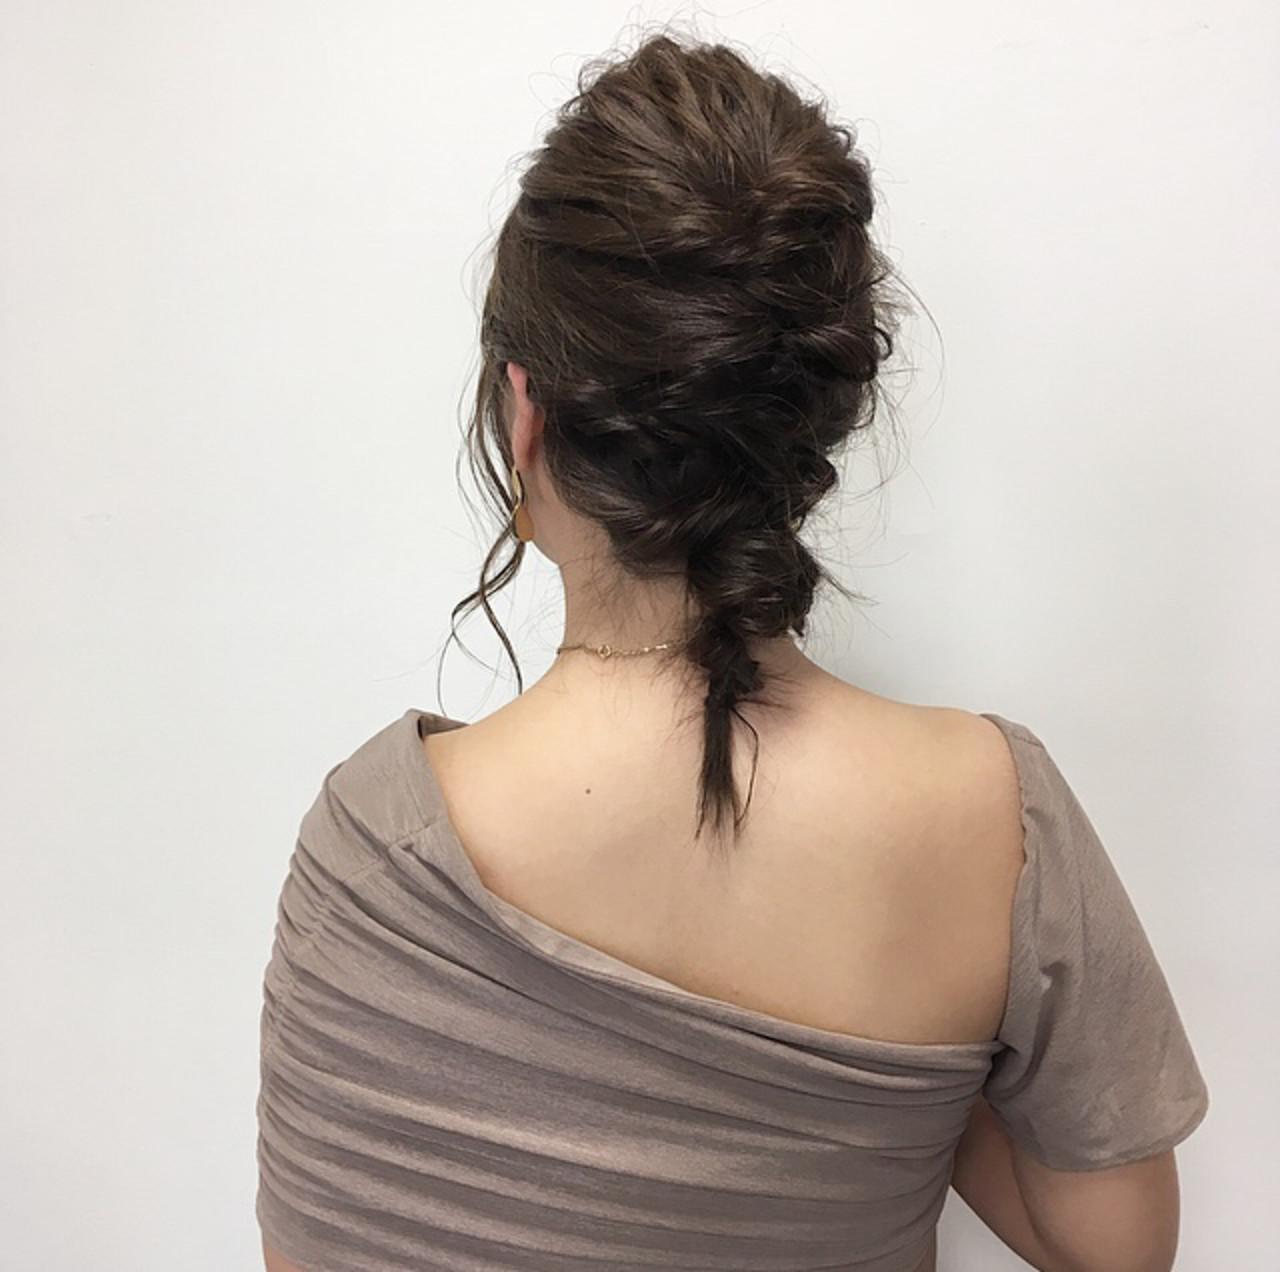 簡単ヘアアレンジ セミロング ヘアアレンジ ナチュラル ヘアスタイルや髪型の写真・画像